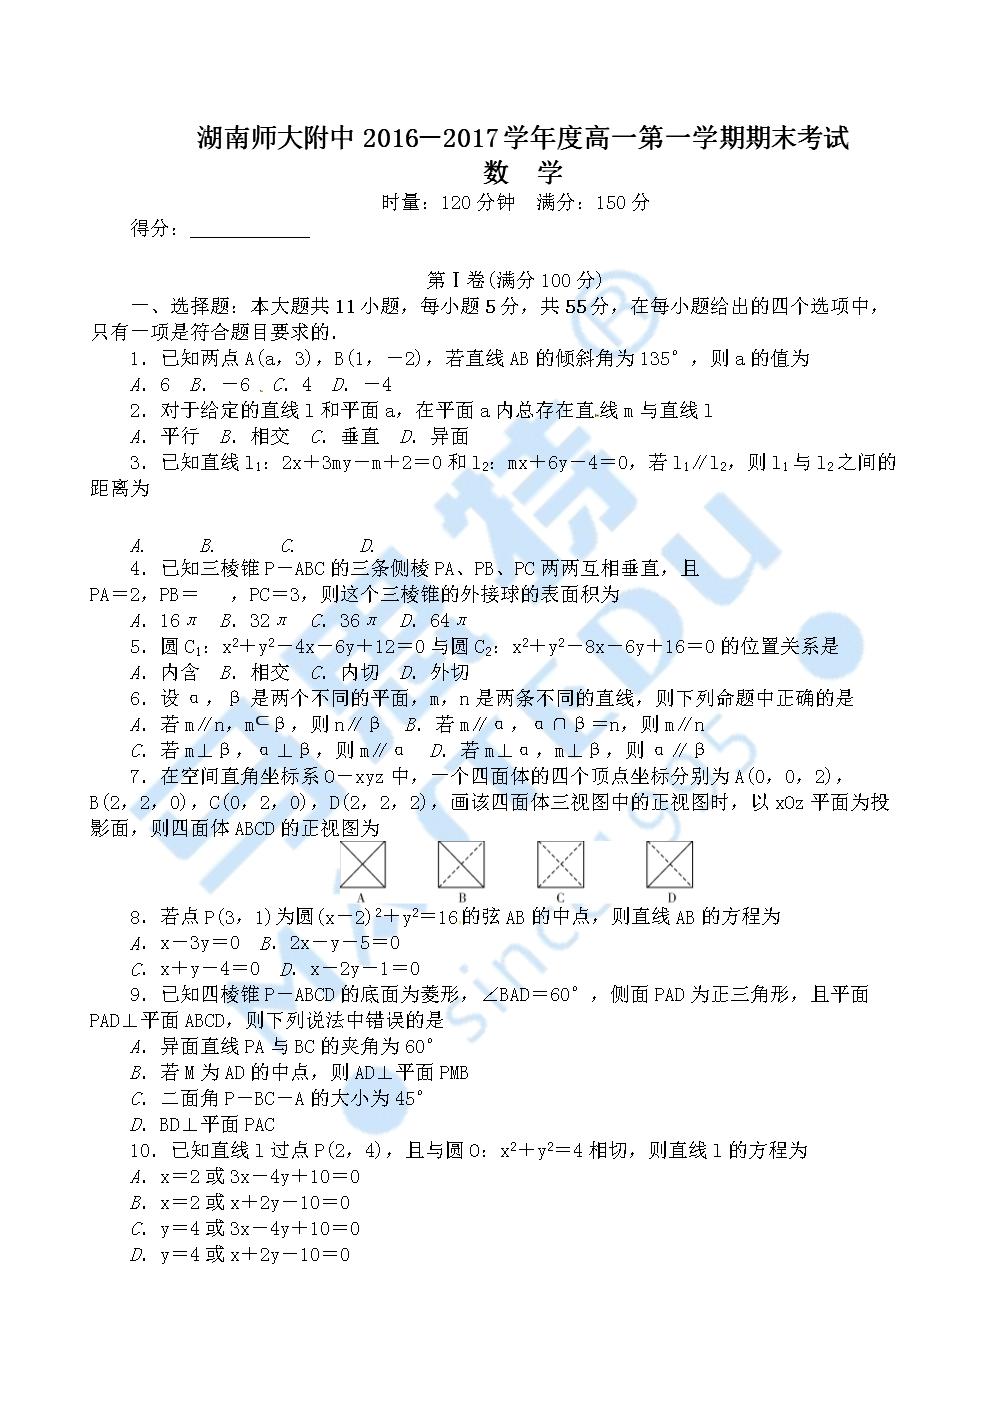 湖南师大附中20162017学年度高一第一学期期末考试.doc